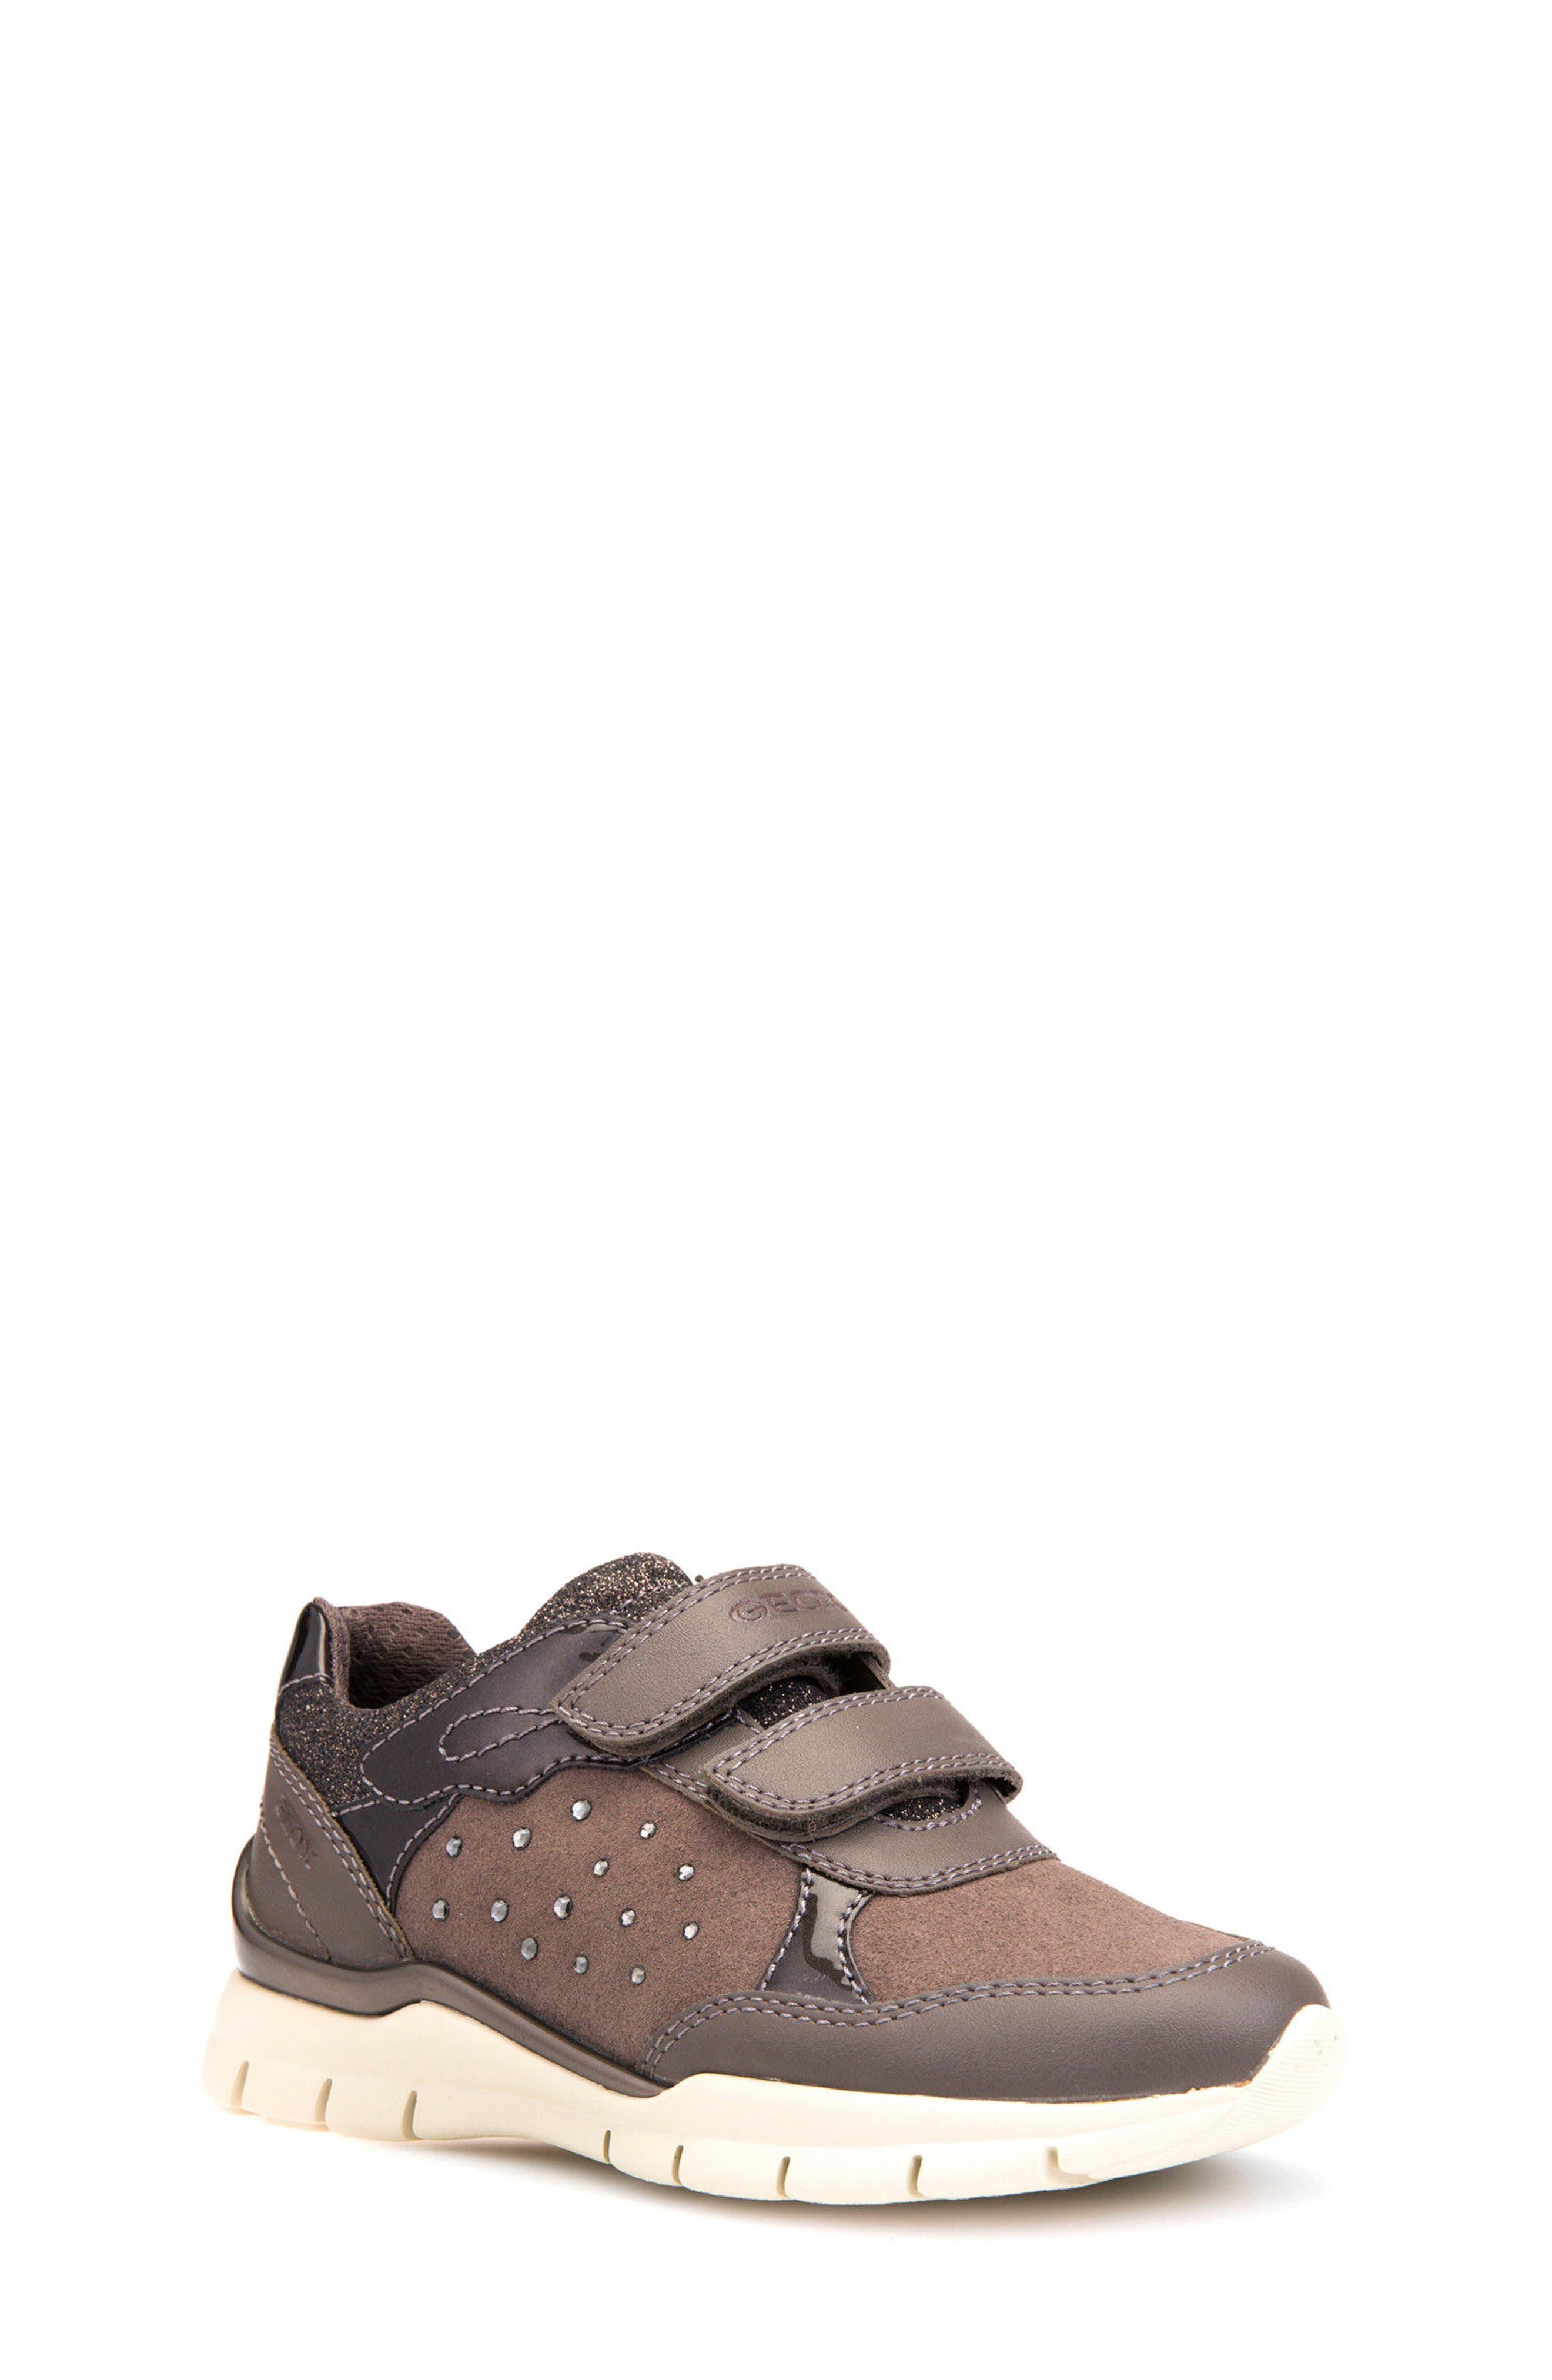 Alternate Image 1 Selected - Geox Sukie Sneaker (Toddler, Little Kid & Big Kid)